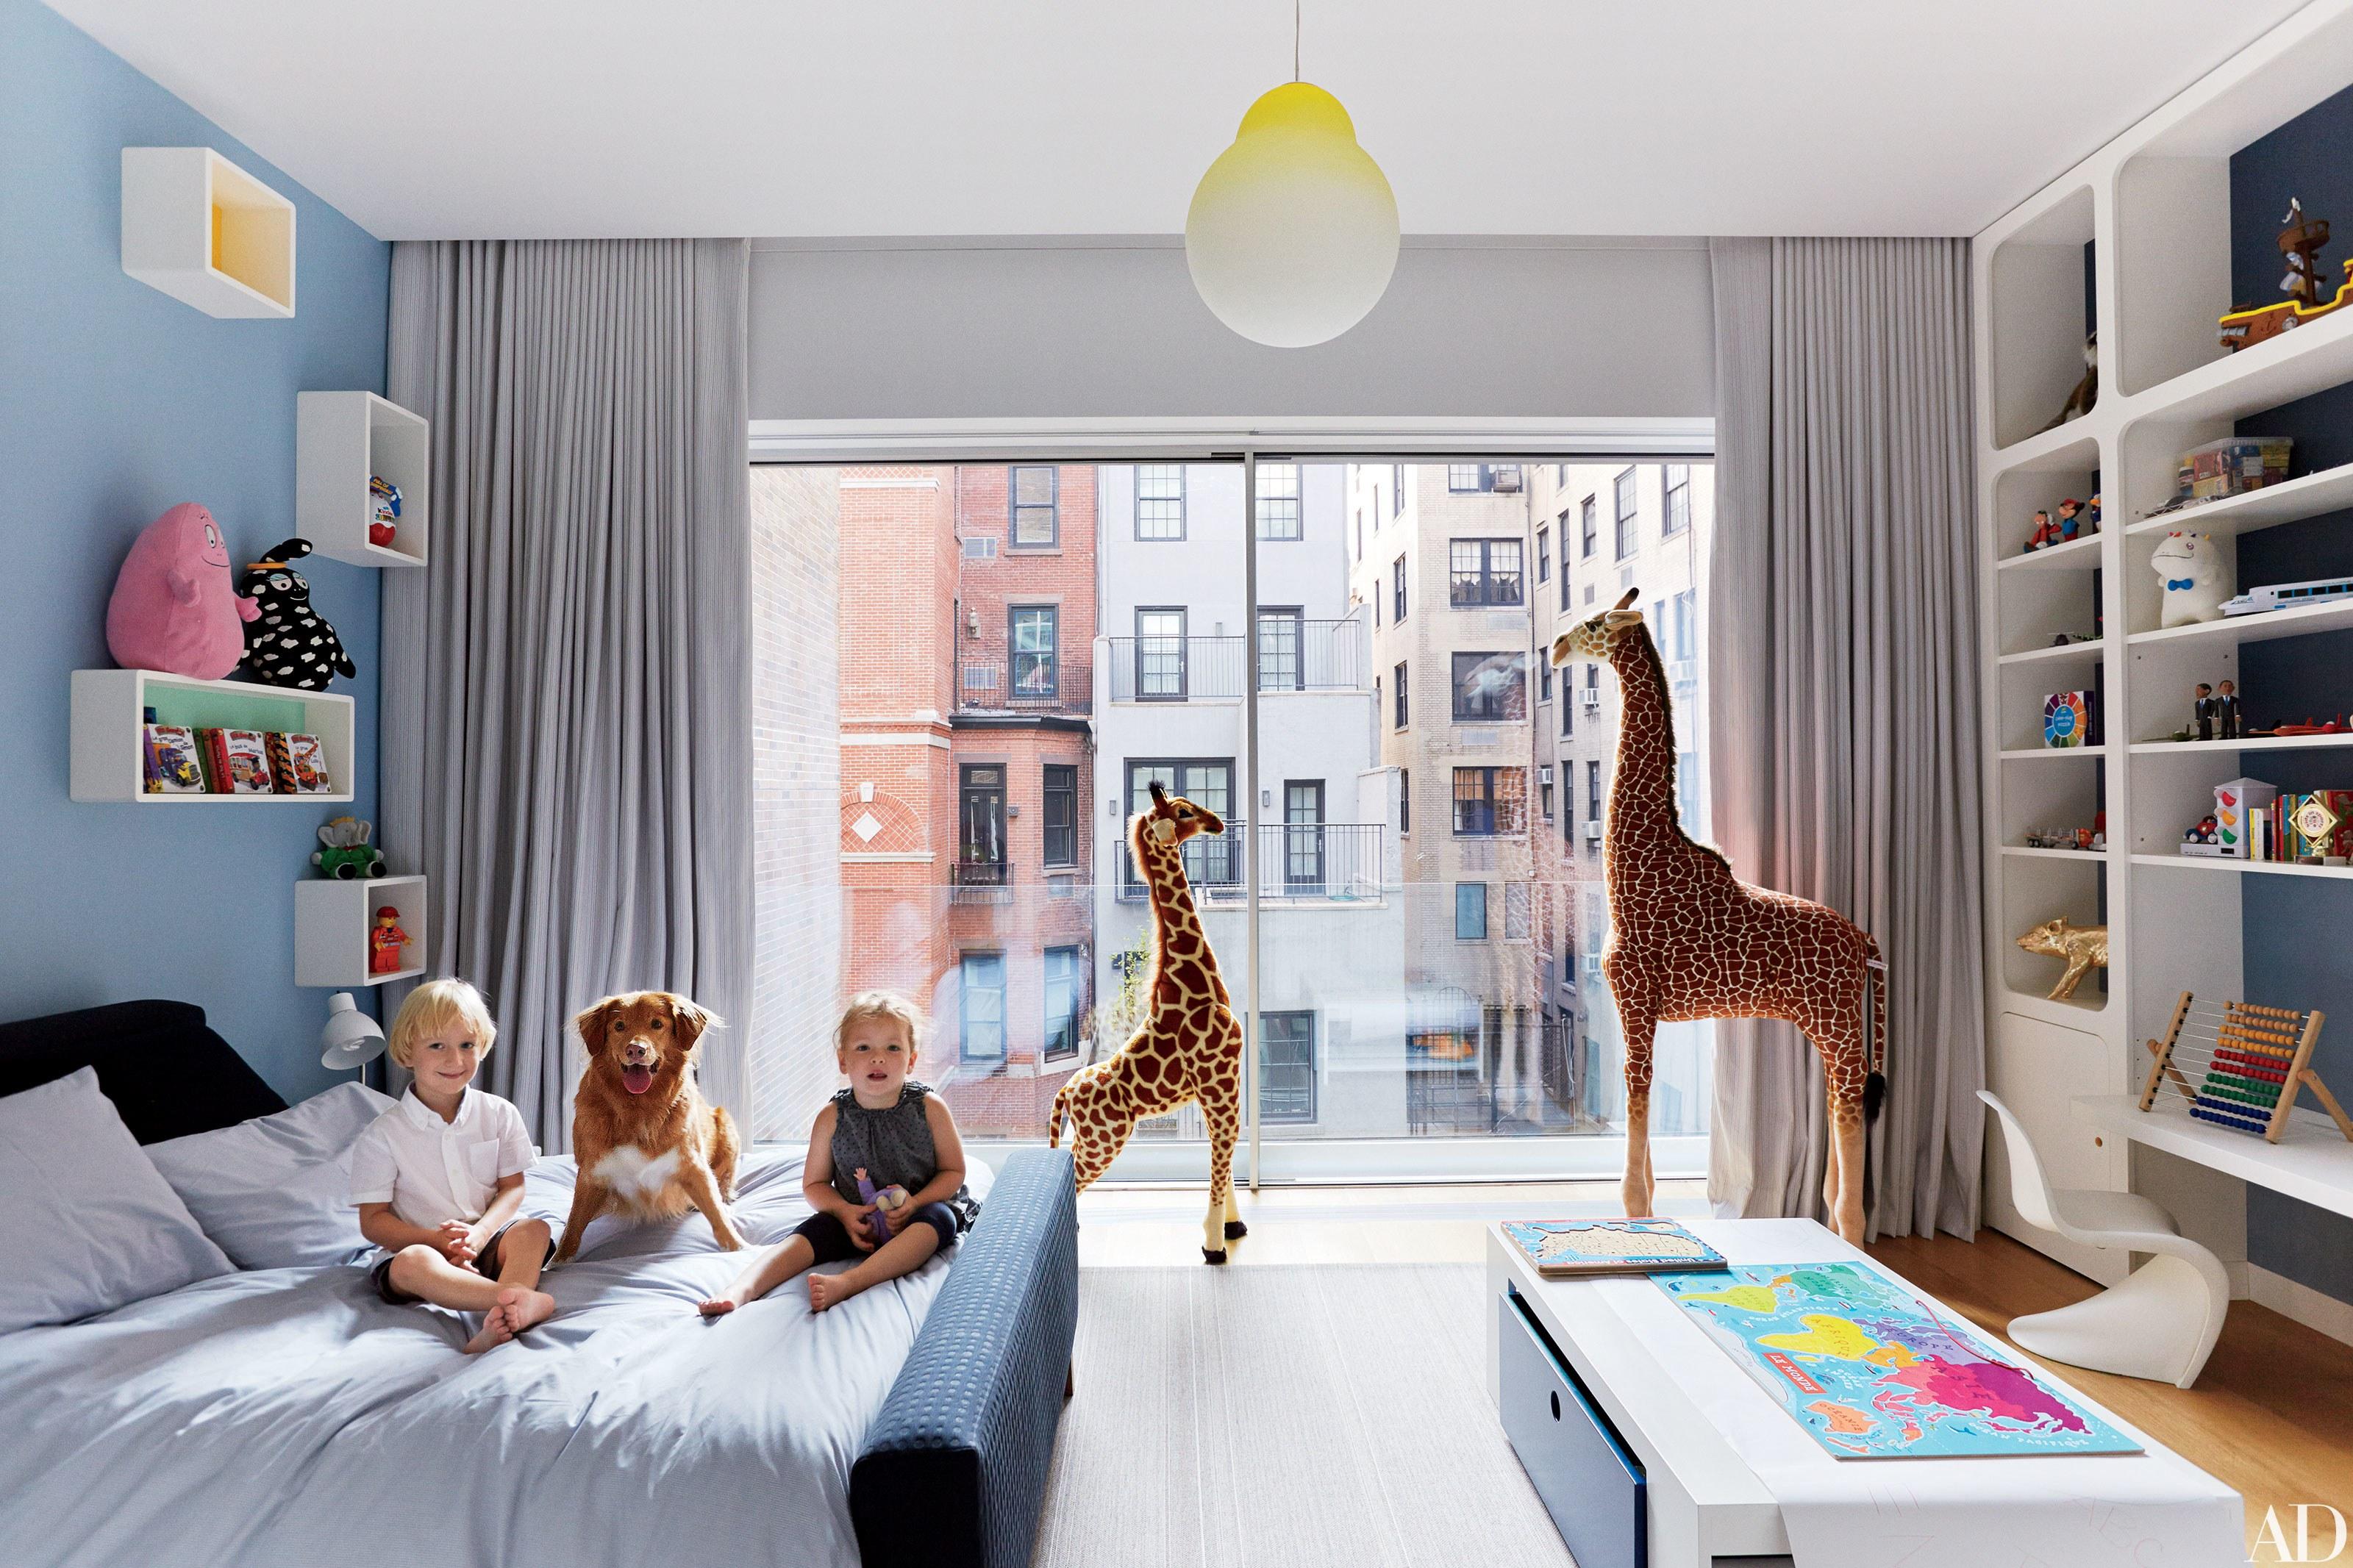 Drawn bookcase childrens Bedrooms Digest Nurseries Children's Stylish